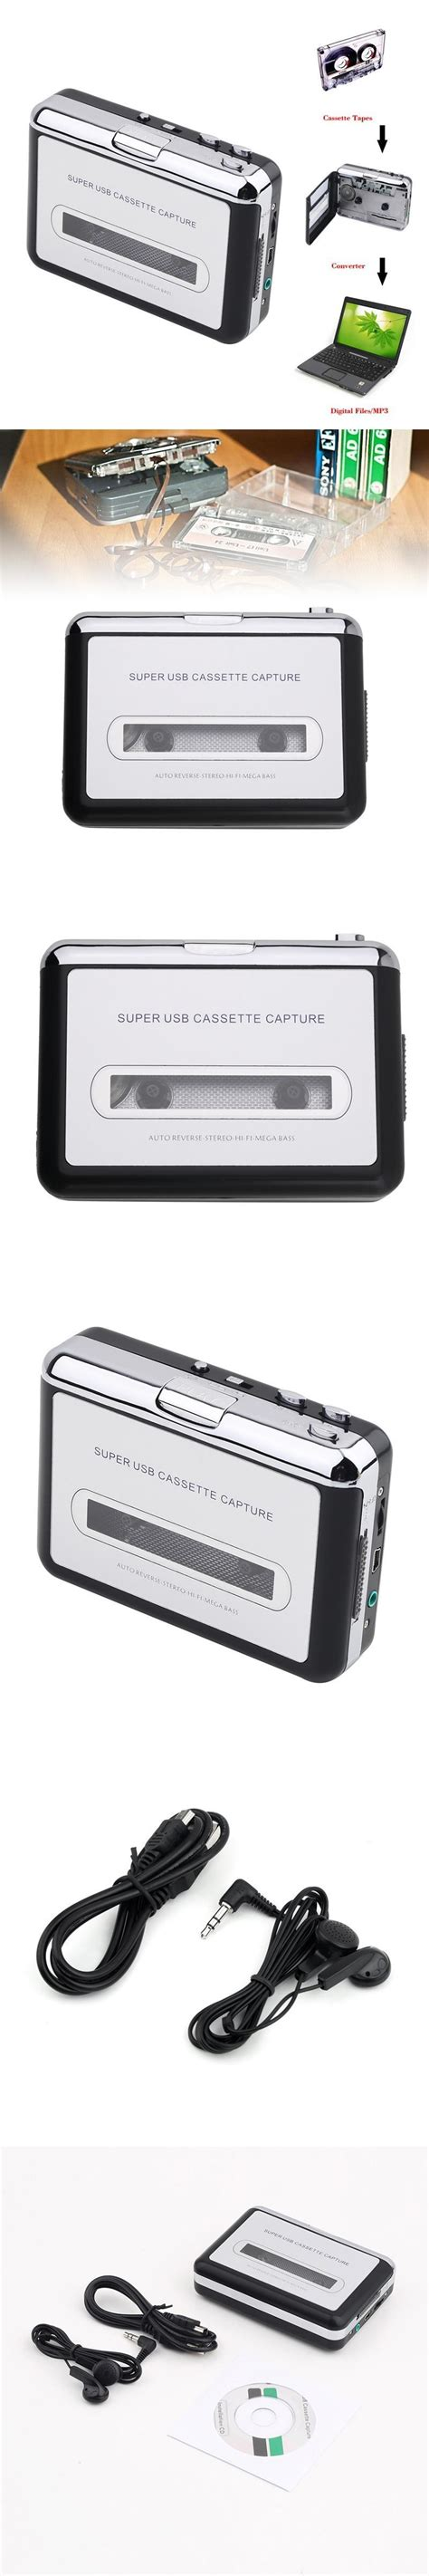 cassette to cd to pc cassette usb et convertisseur mp3 cd capture